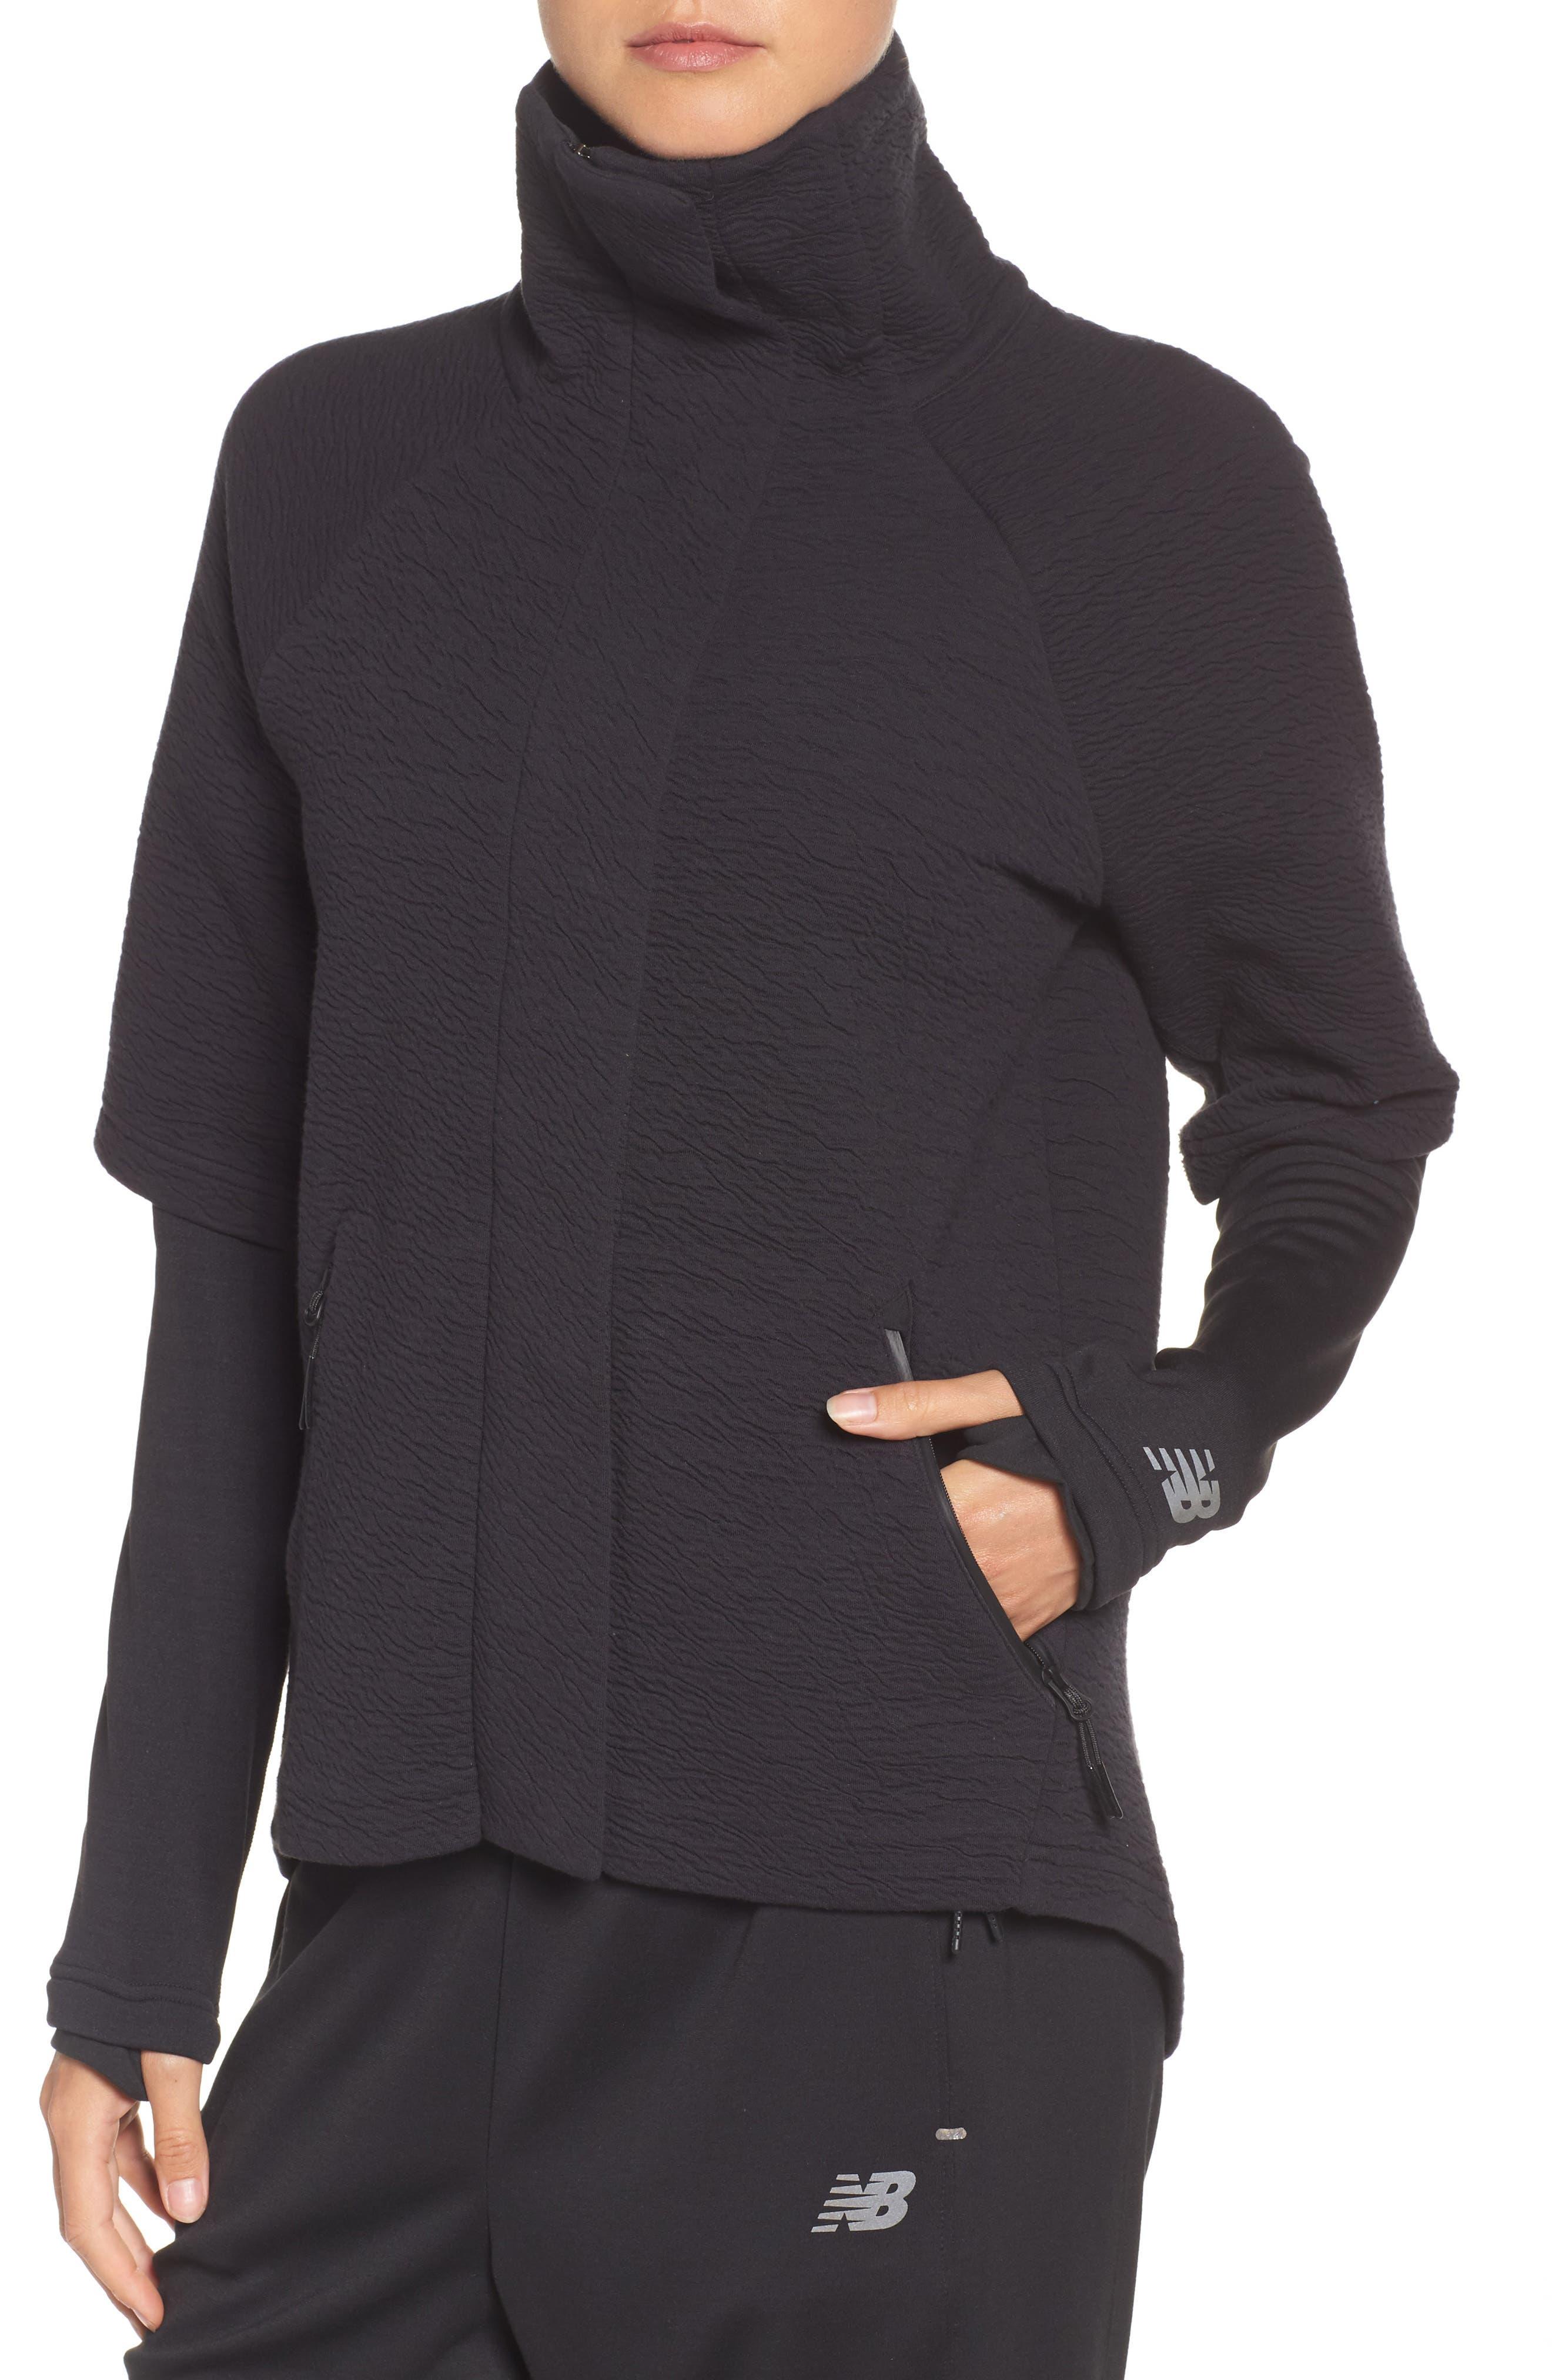 Heat Knit Drape Jacket,                             Alternate thumbnail 4, color,                             001